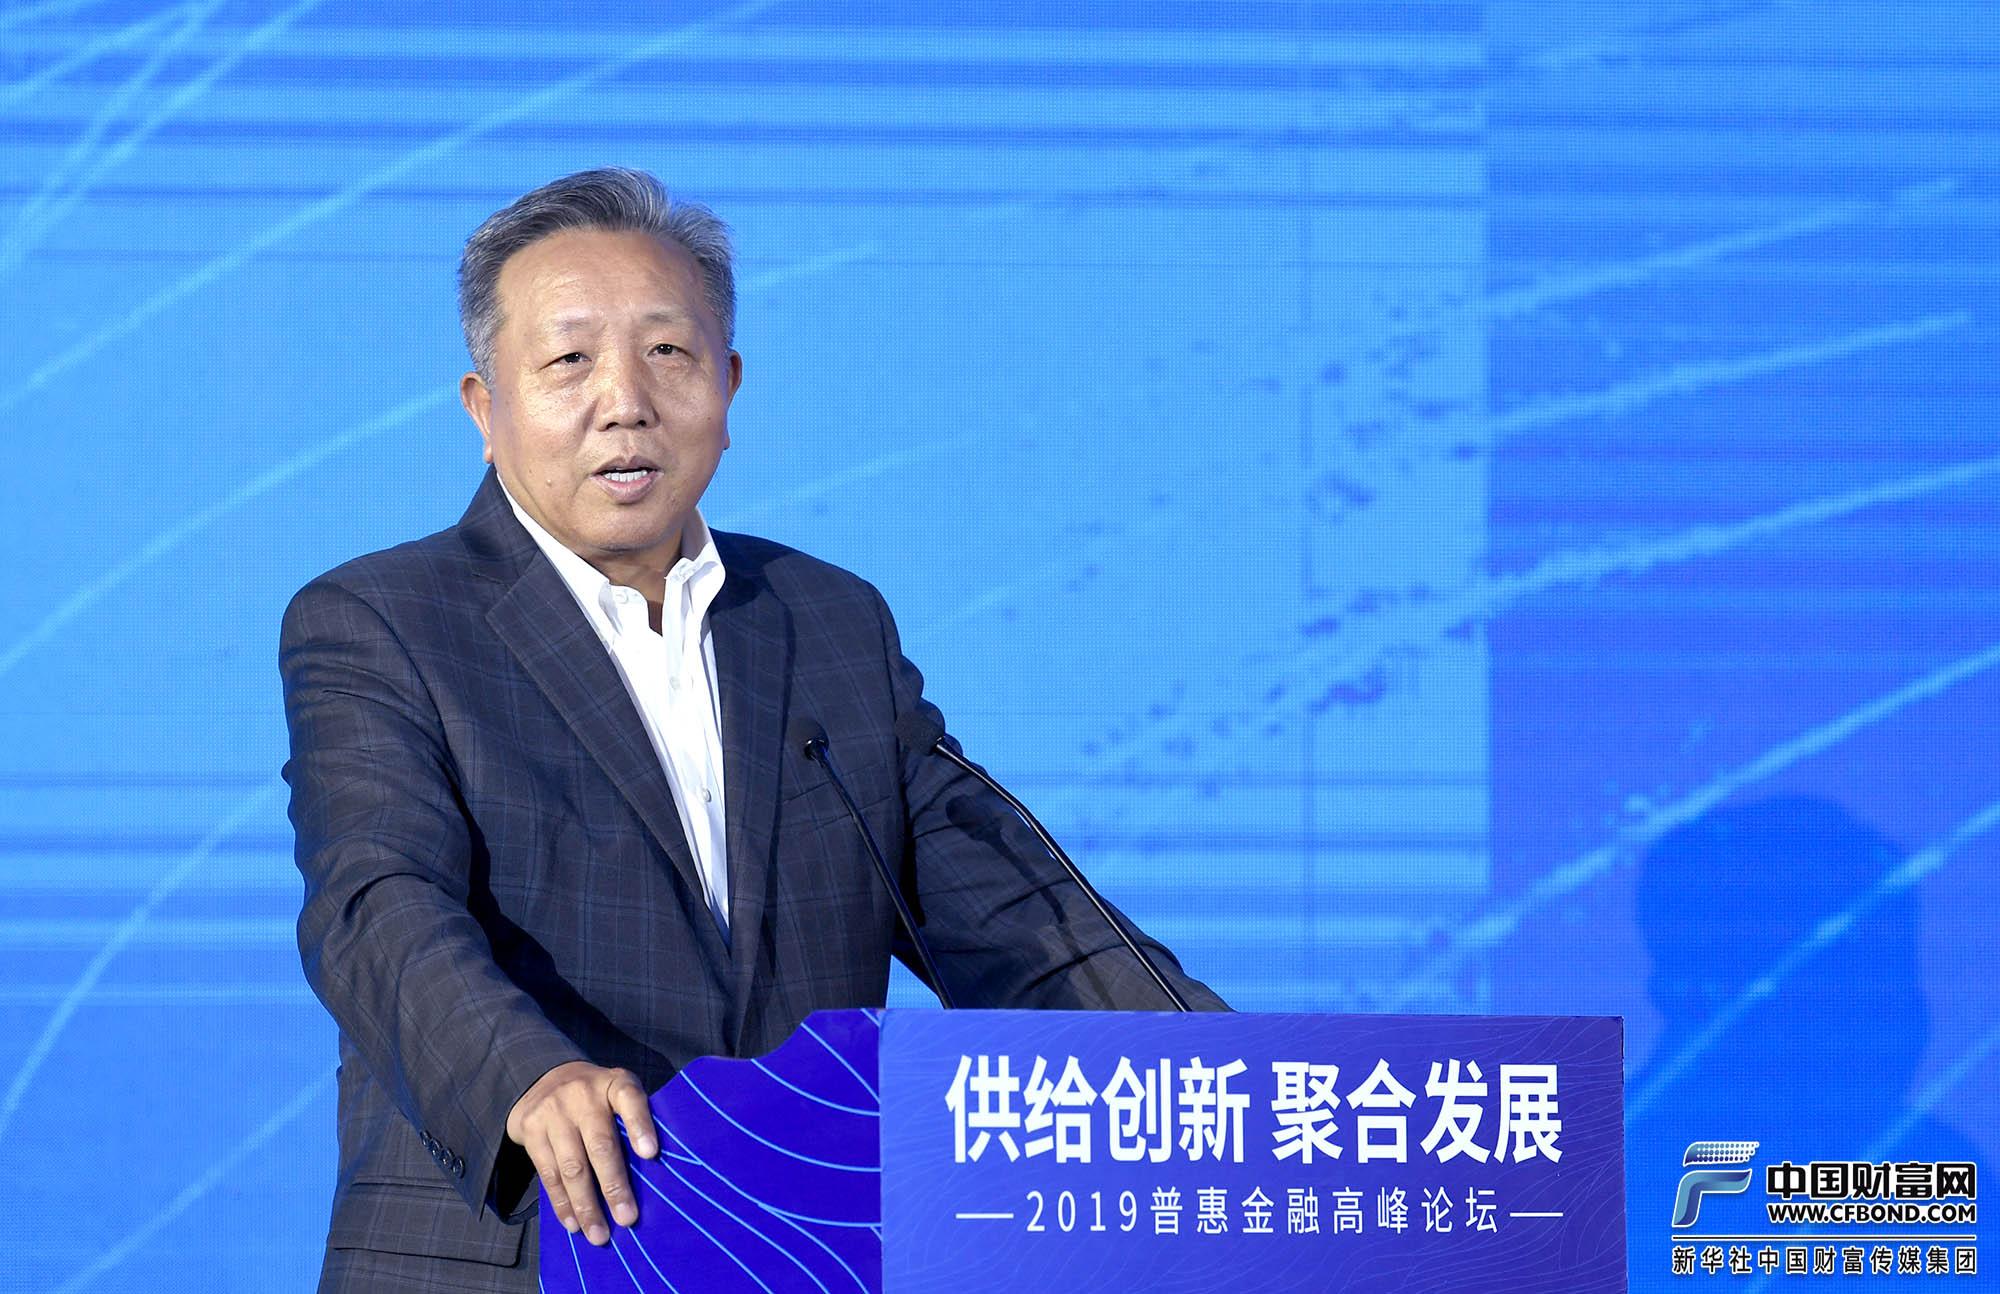 演讲嘉宾:中国人民大学副校长吴晓求